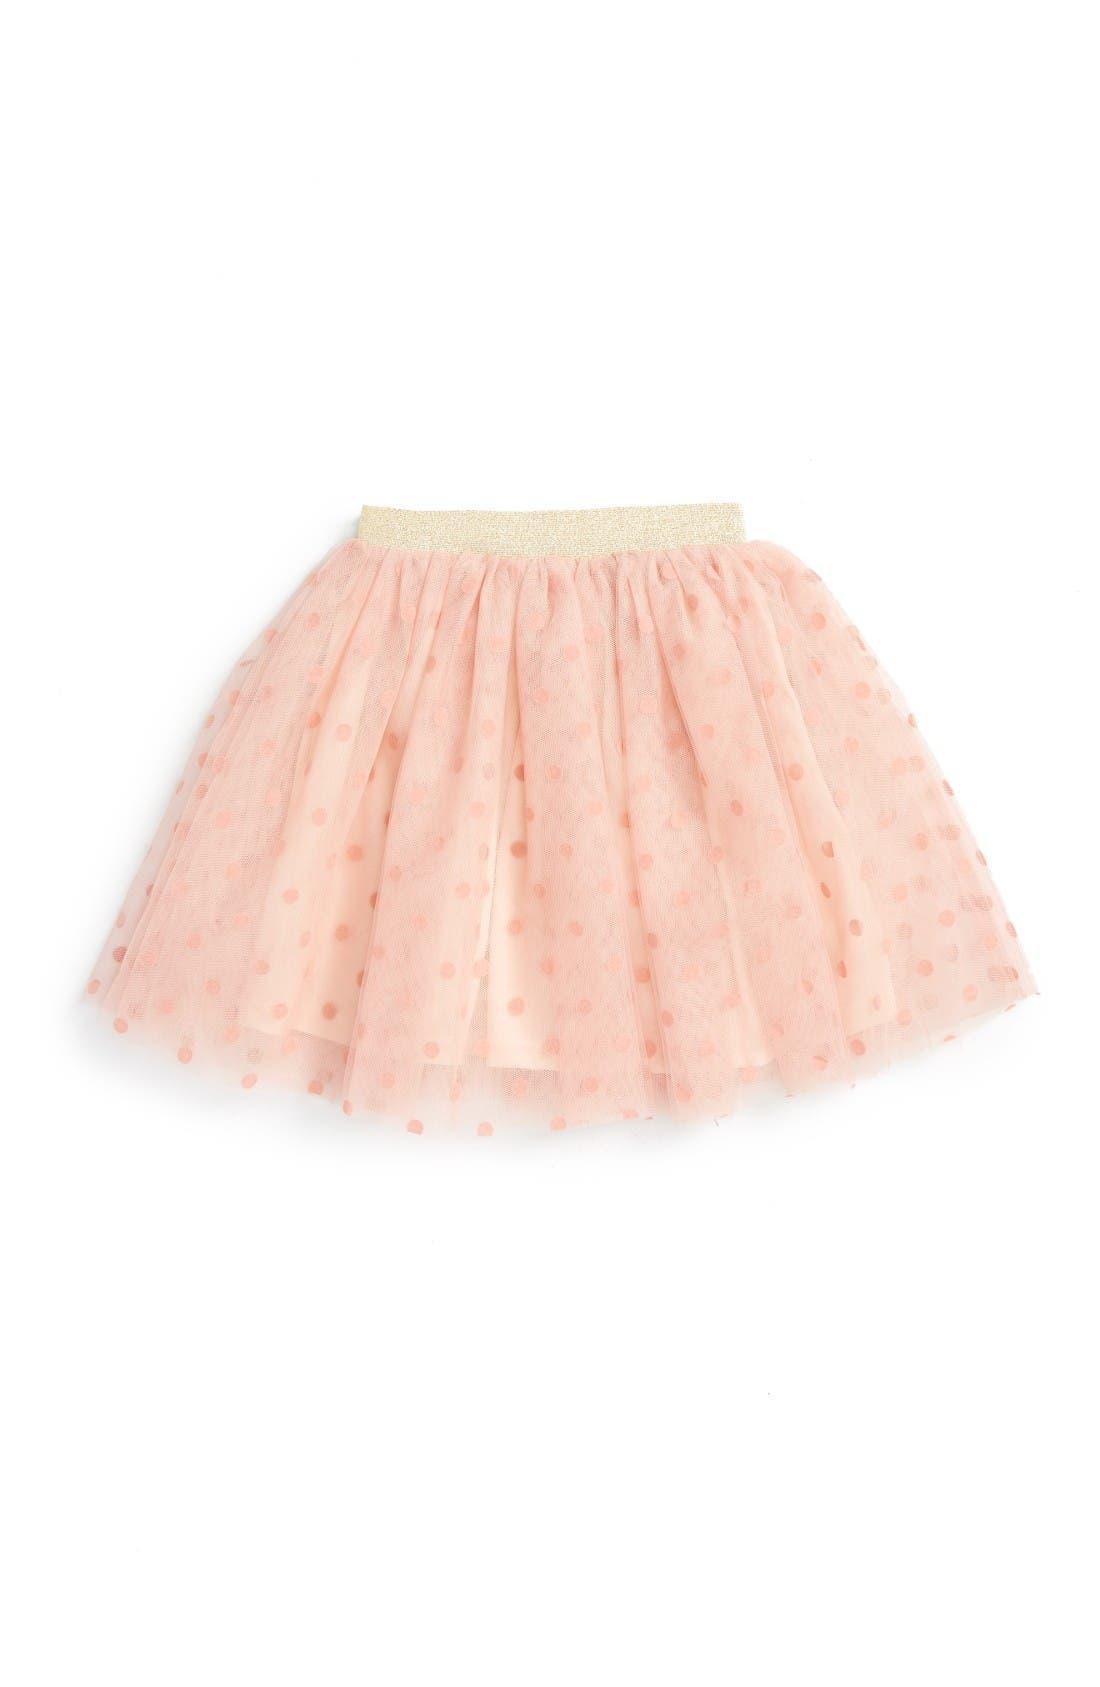 Alternate Image 1 Selected - Truly Me Polka Dot Tutu Skirt (Toddler Girls & Little Girls)